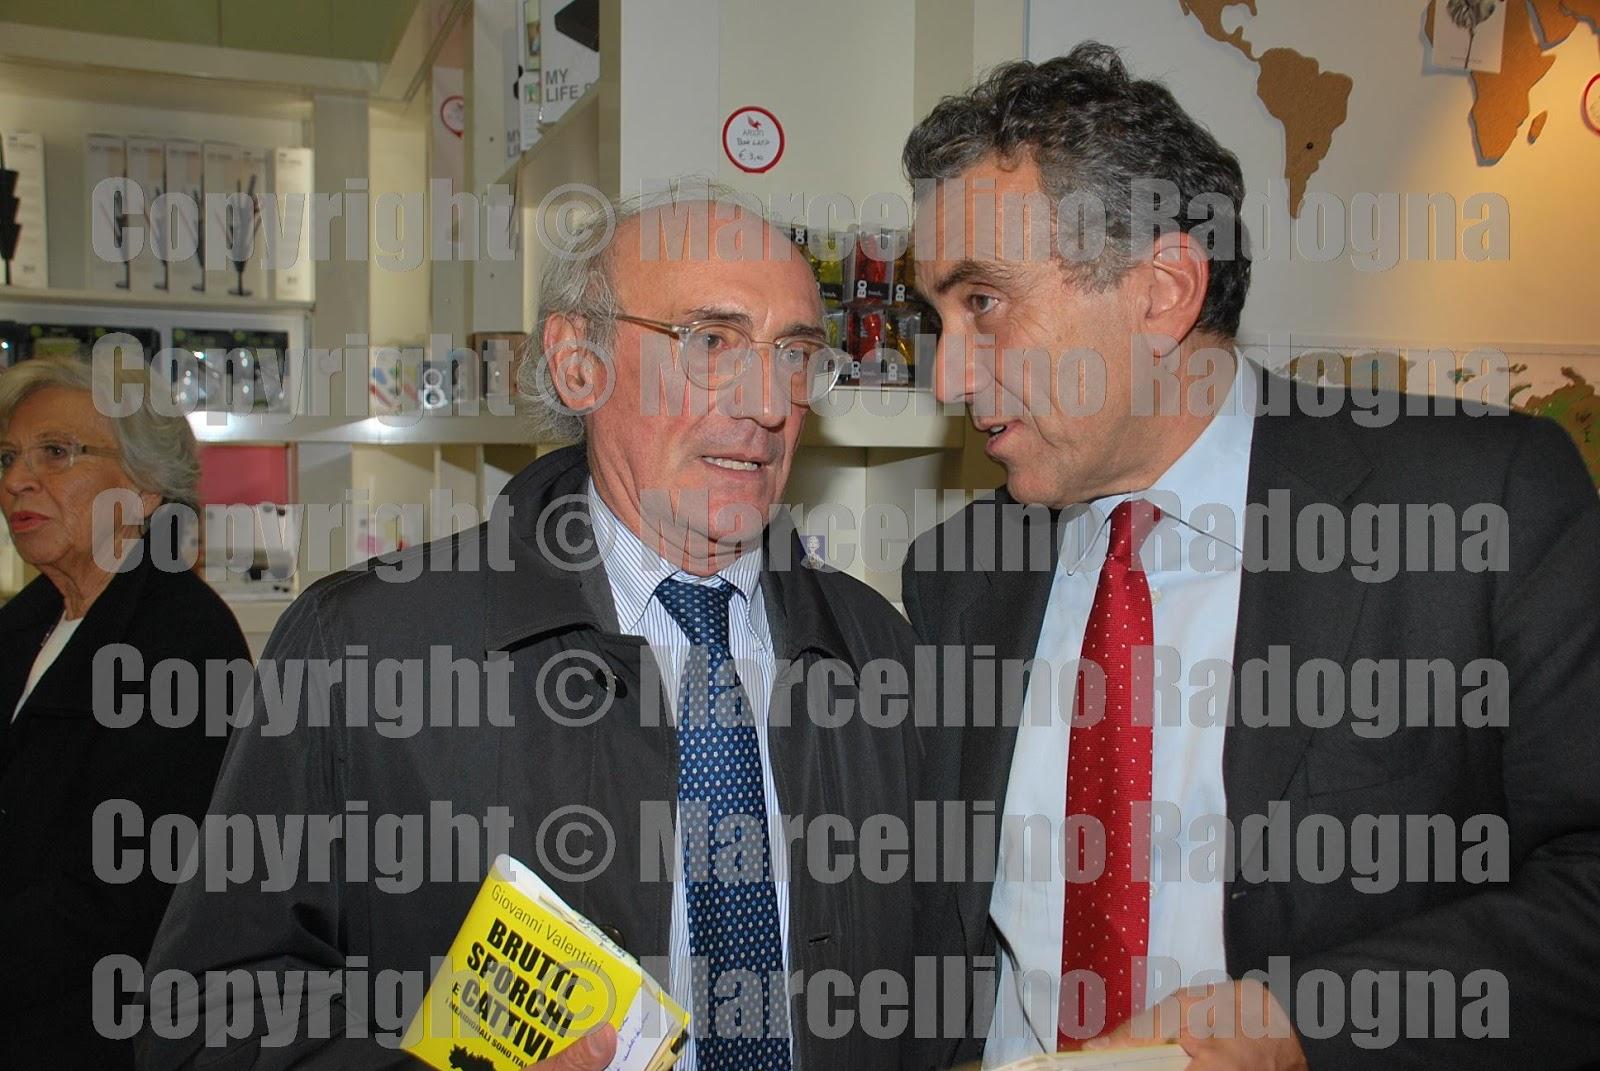 Marcellino Radogna - Fotonotizie per la stampa: Giovanni ...